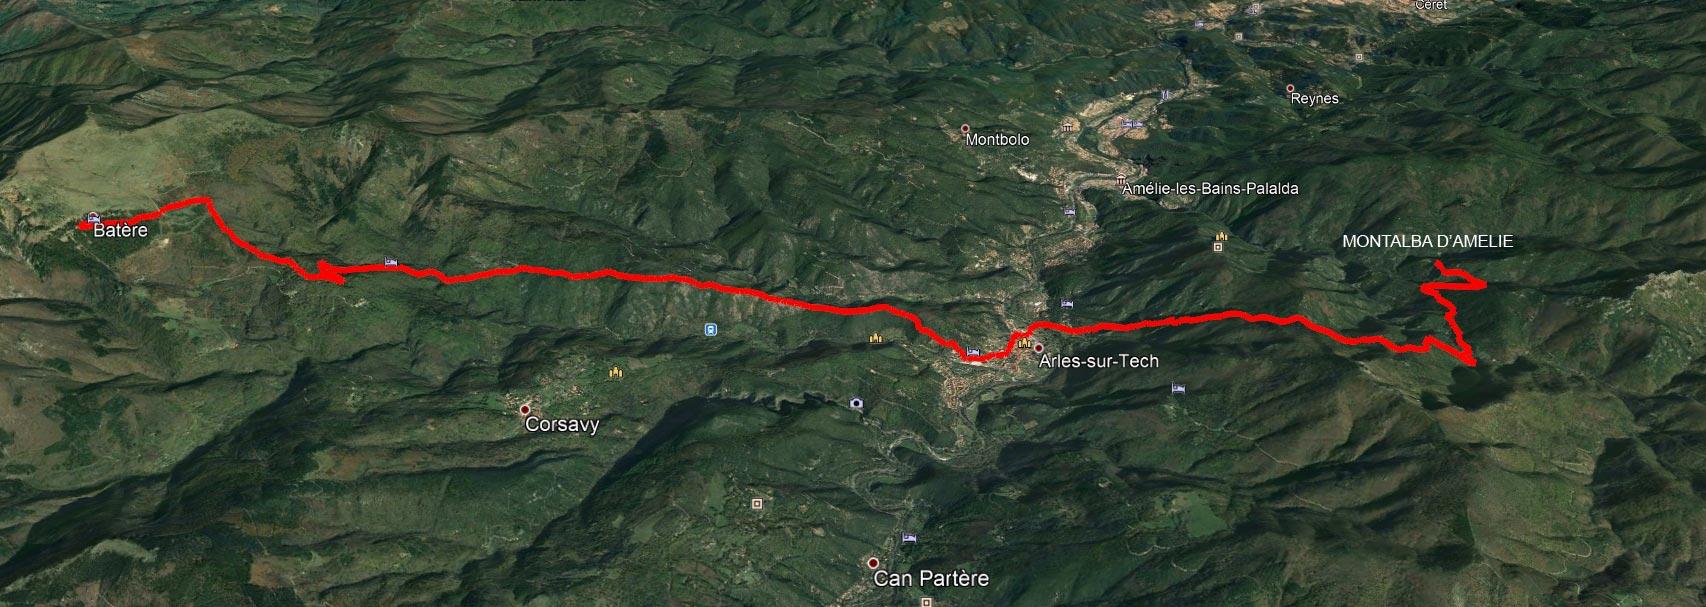 Du refuge de Batère à Montalba d'Amélie